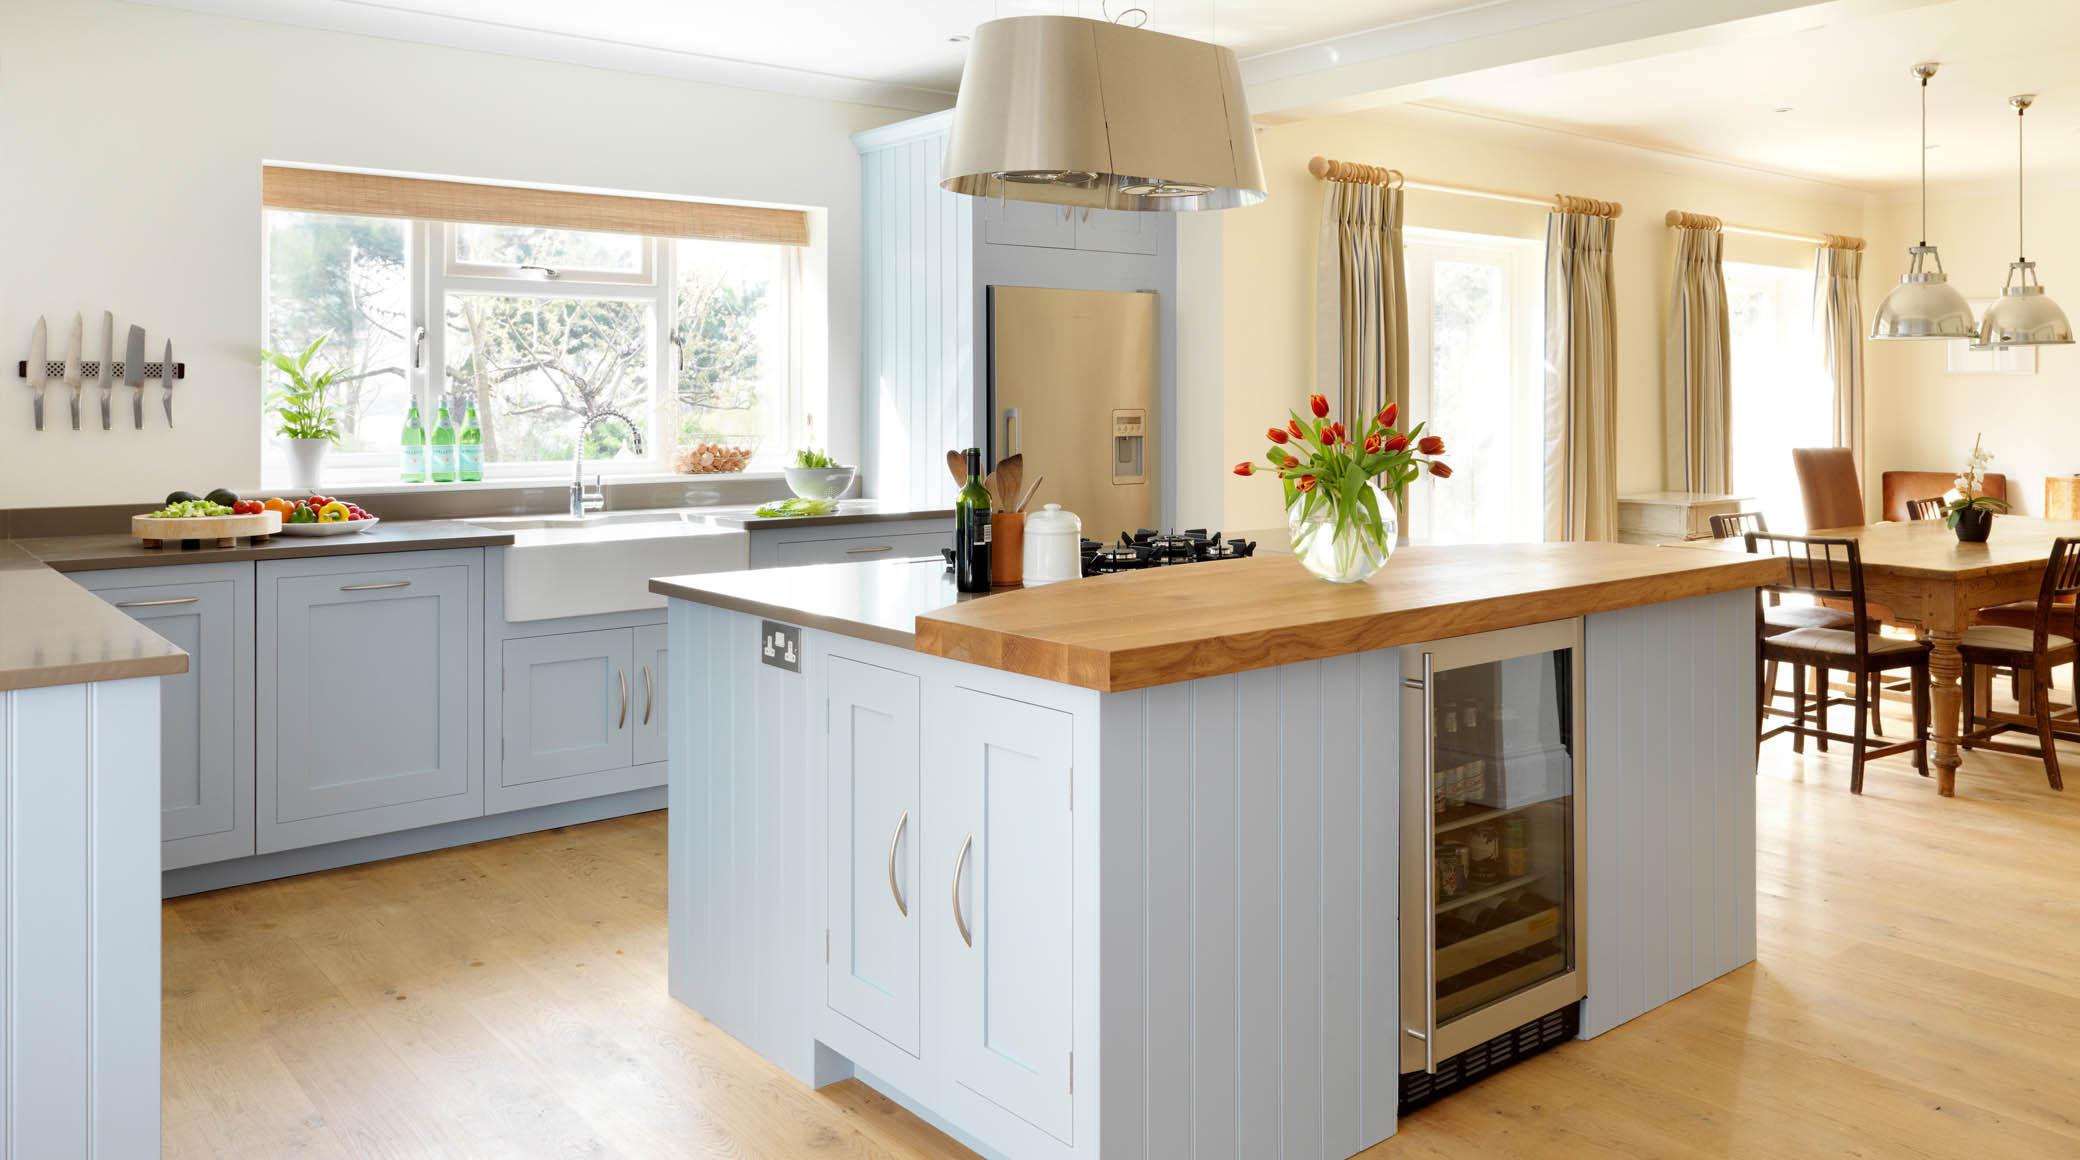 Кухня в голубых тонах во французском стиле